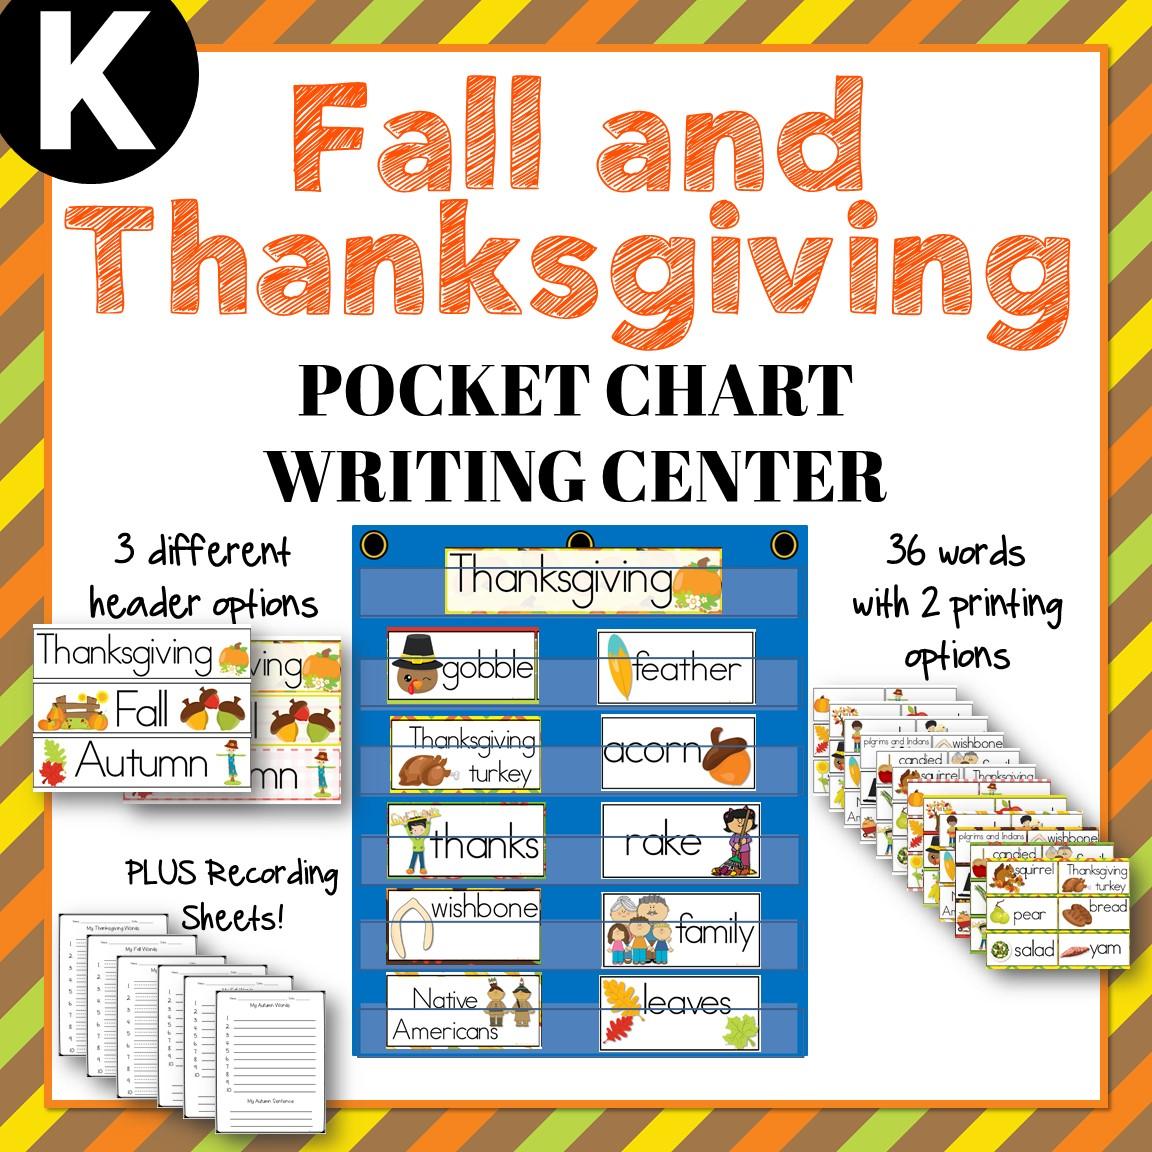 Kindergarten Center - Thanksgiving & Fall Pocket Chart Writing Center